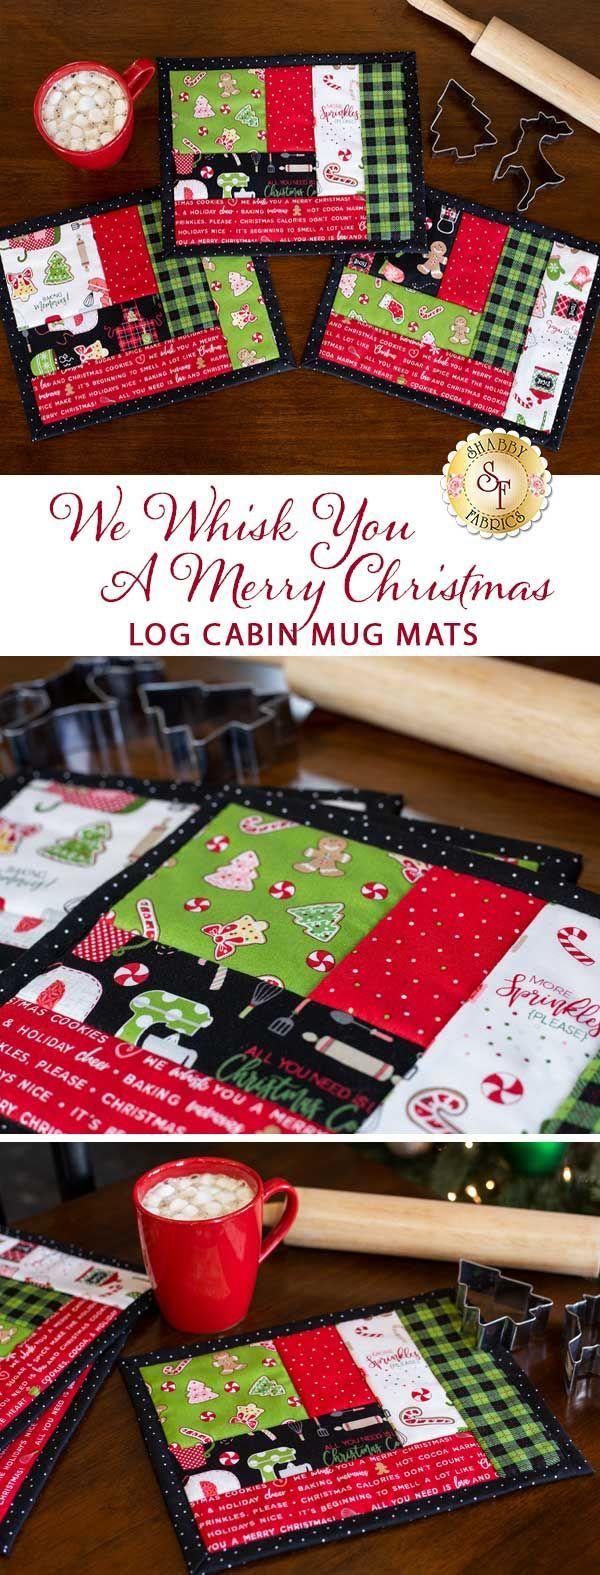 Quilt As You Go Log Cabin Mug Mats – We Whisk You …